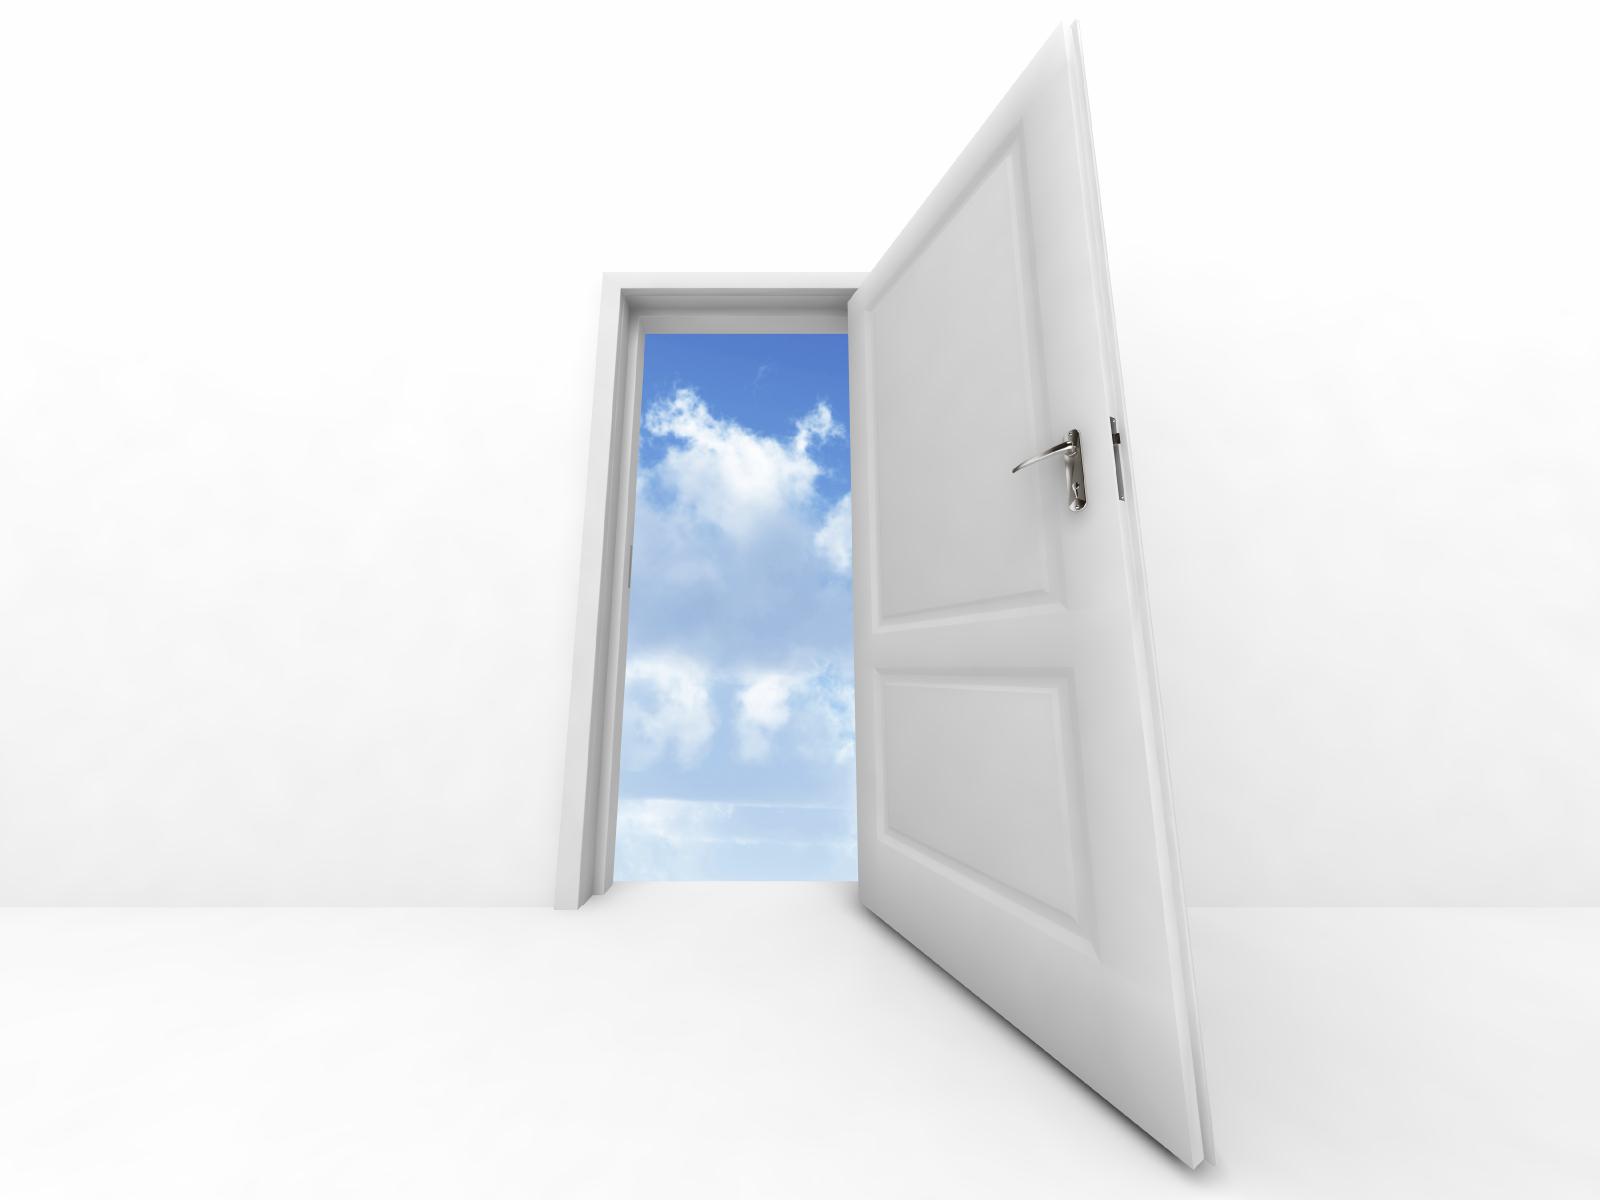 La puerta se cerrará